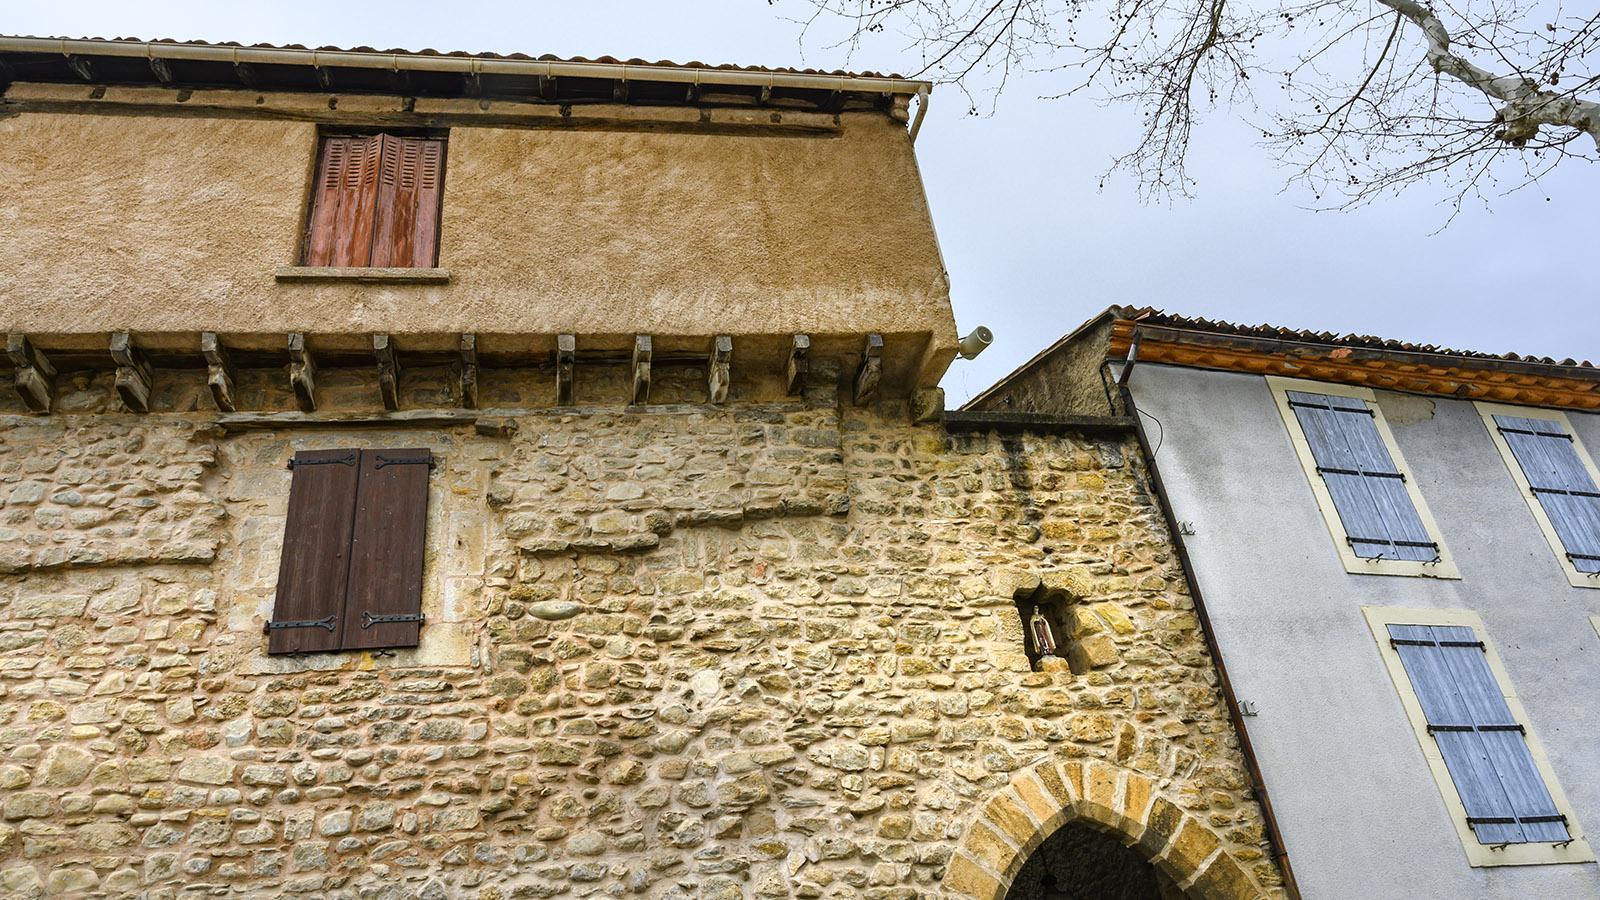 Campagne-sur-Aude: Wohnhäuser lehnen sich heute an die Mauer des Templerkastells. Foto: Hilke Maunder